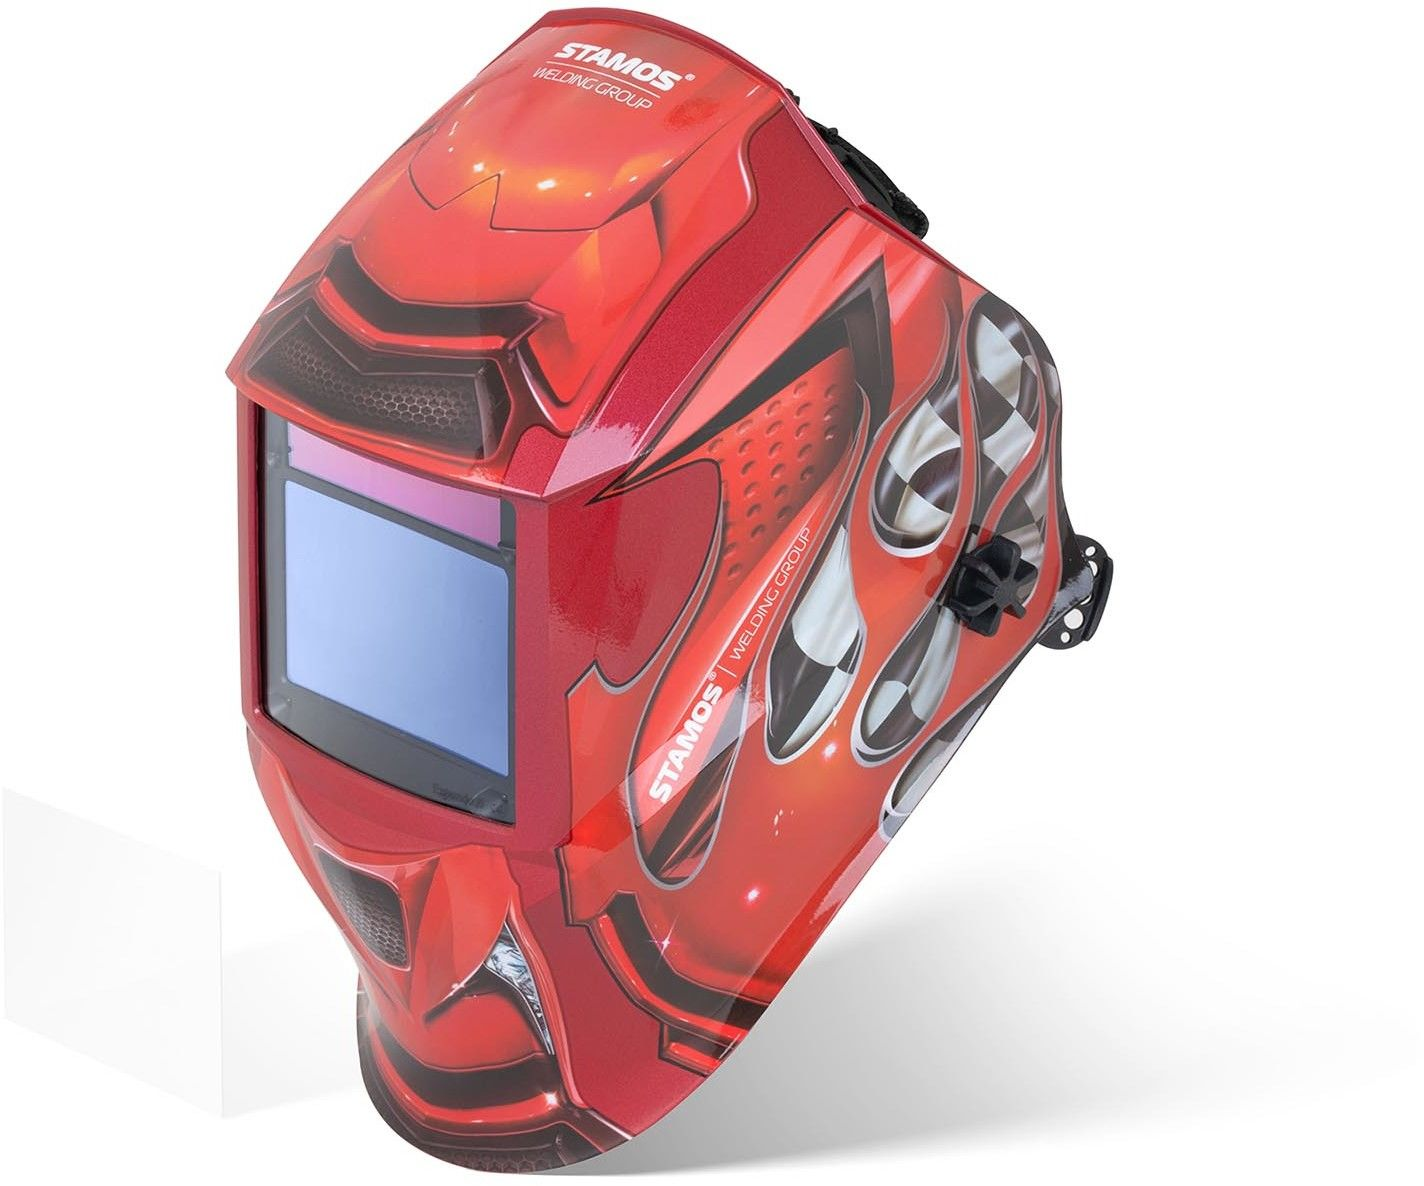 Maska spawalnicza - Red Race - Expert - Stamos Welding - Red Race - 3 lata gwarancji/wysyłka w 24h